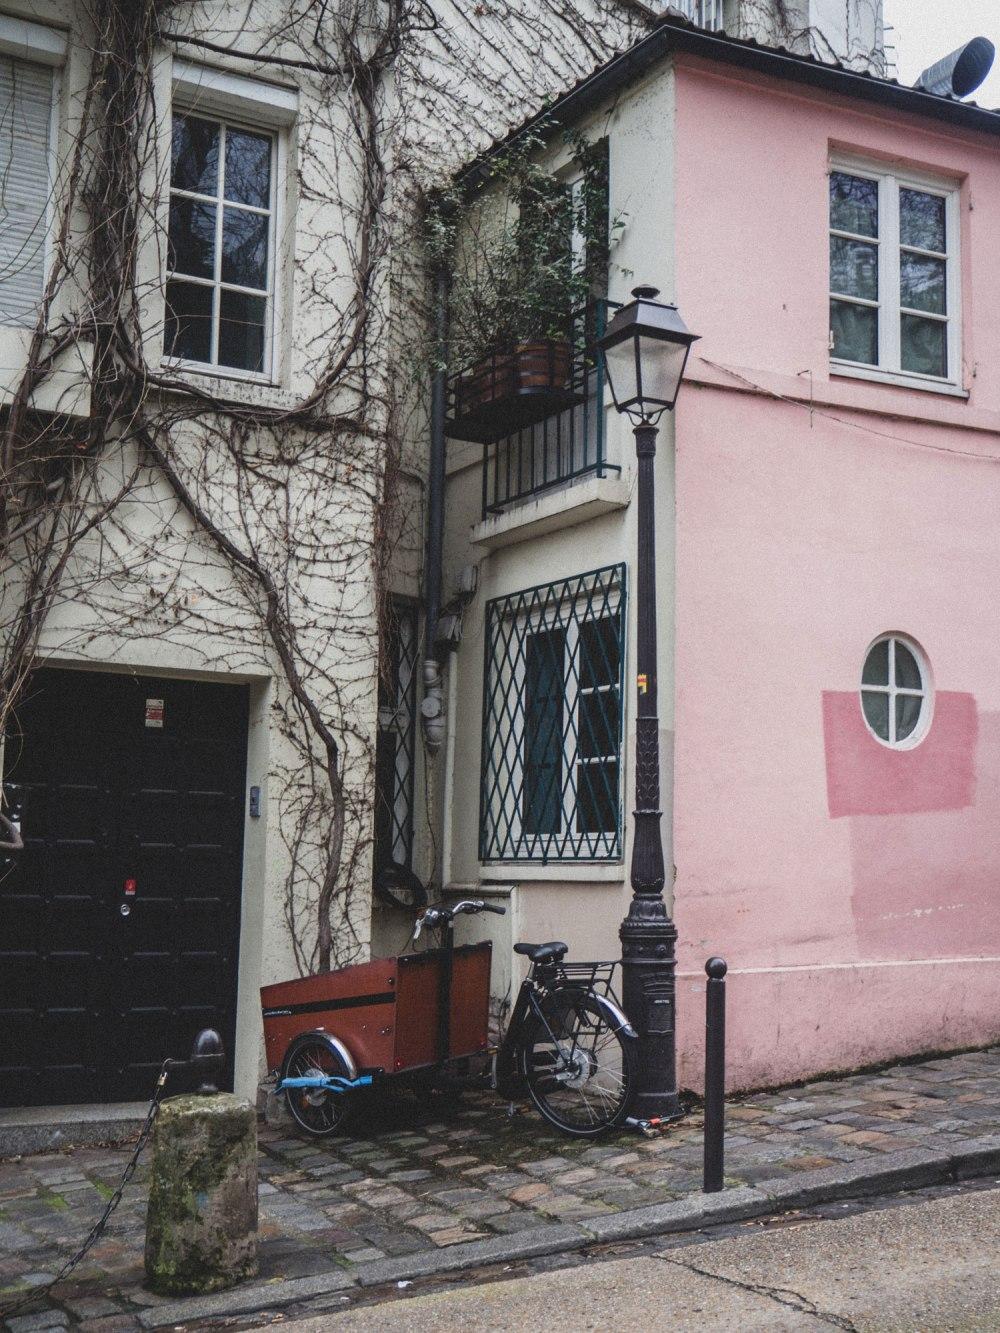 Montmartre-Paris (38)